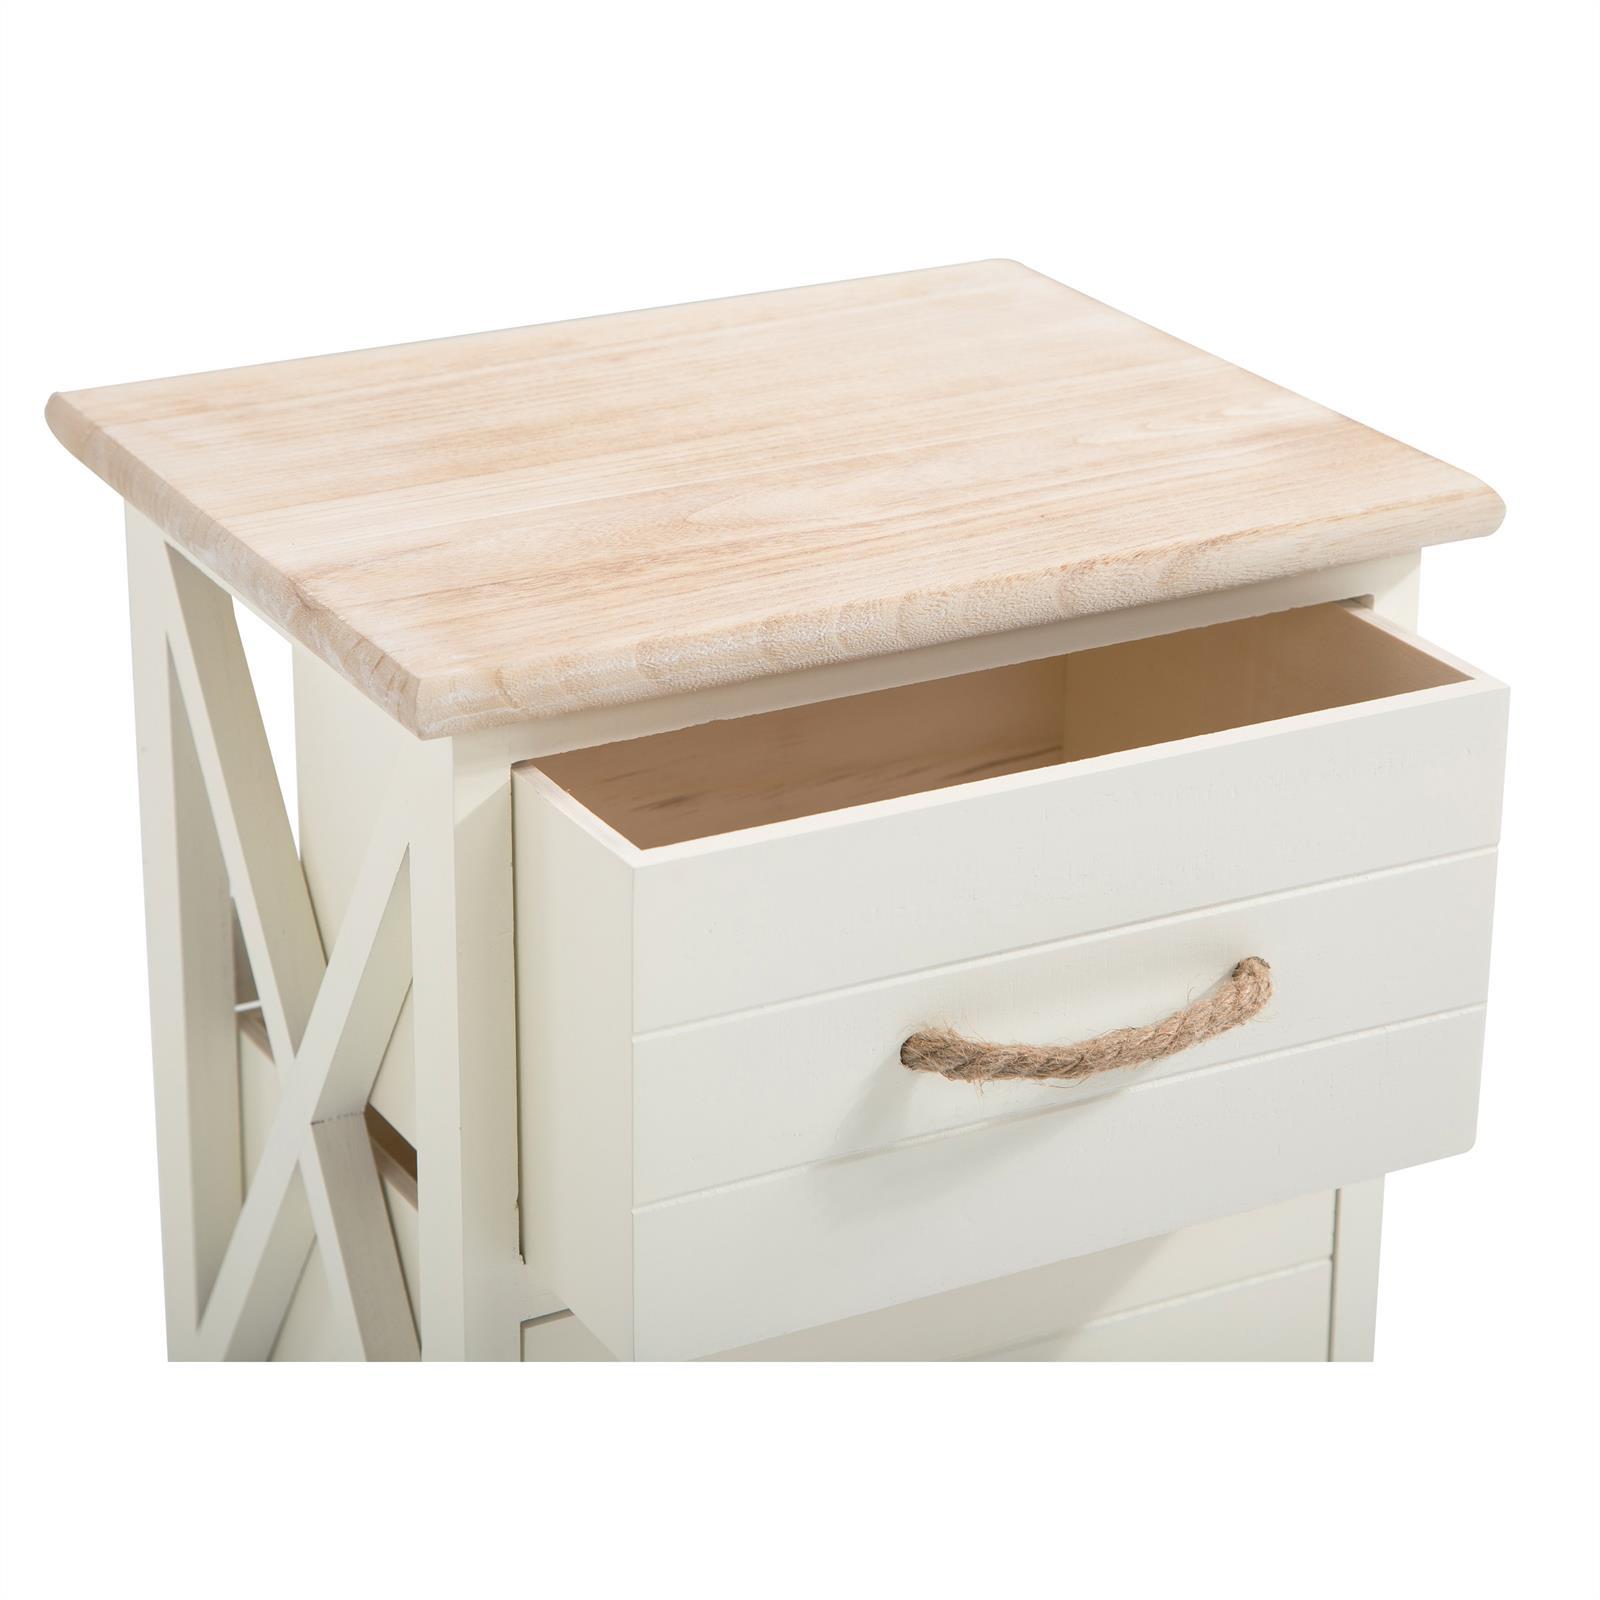 IDIMEX Table de Chevet Perugia Table de Nuit 2 tiroirs en